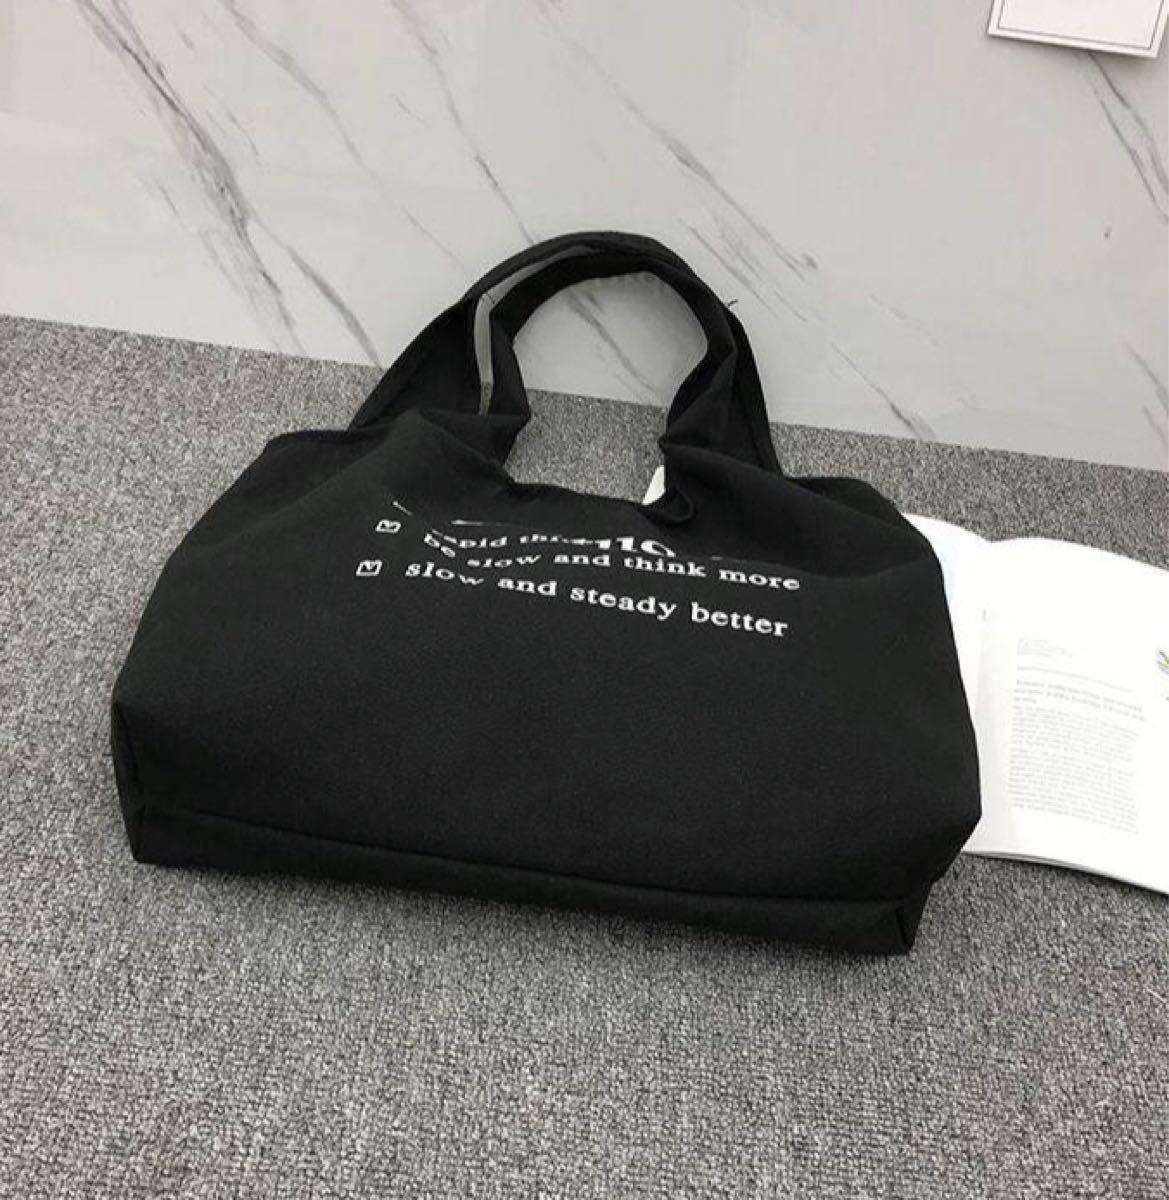 トートバッグ ブラック 英字ロゴ  キャンバス エコバッグ  可愛い レディース